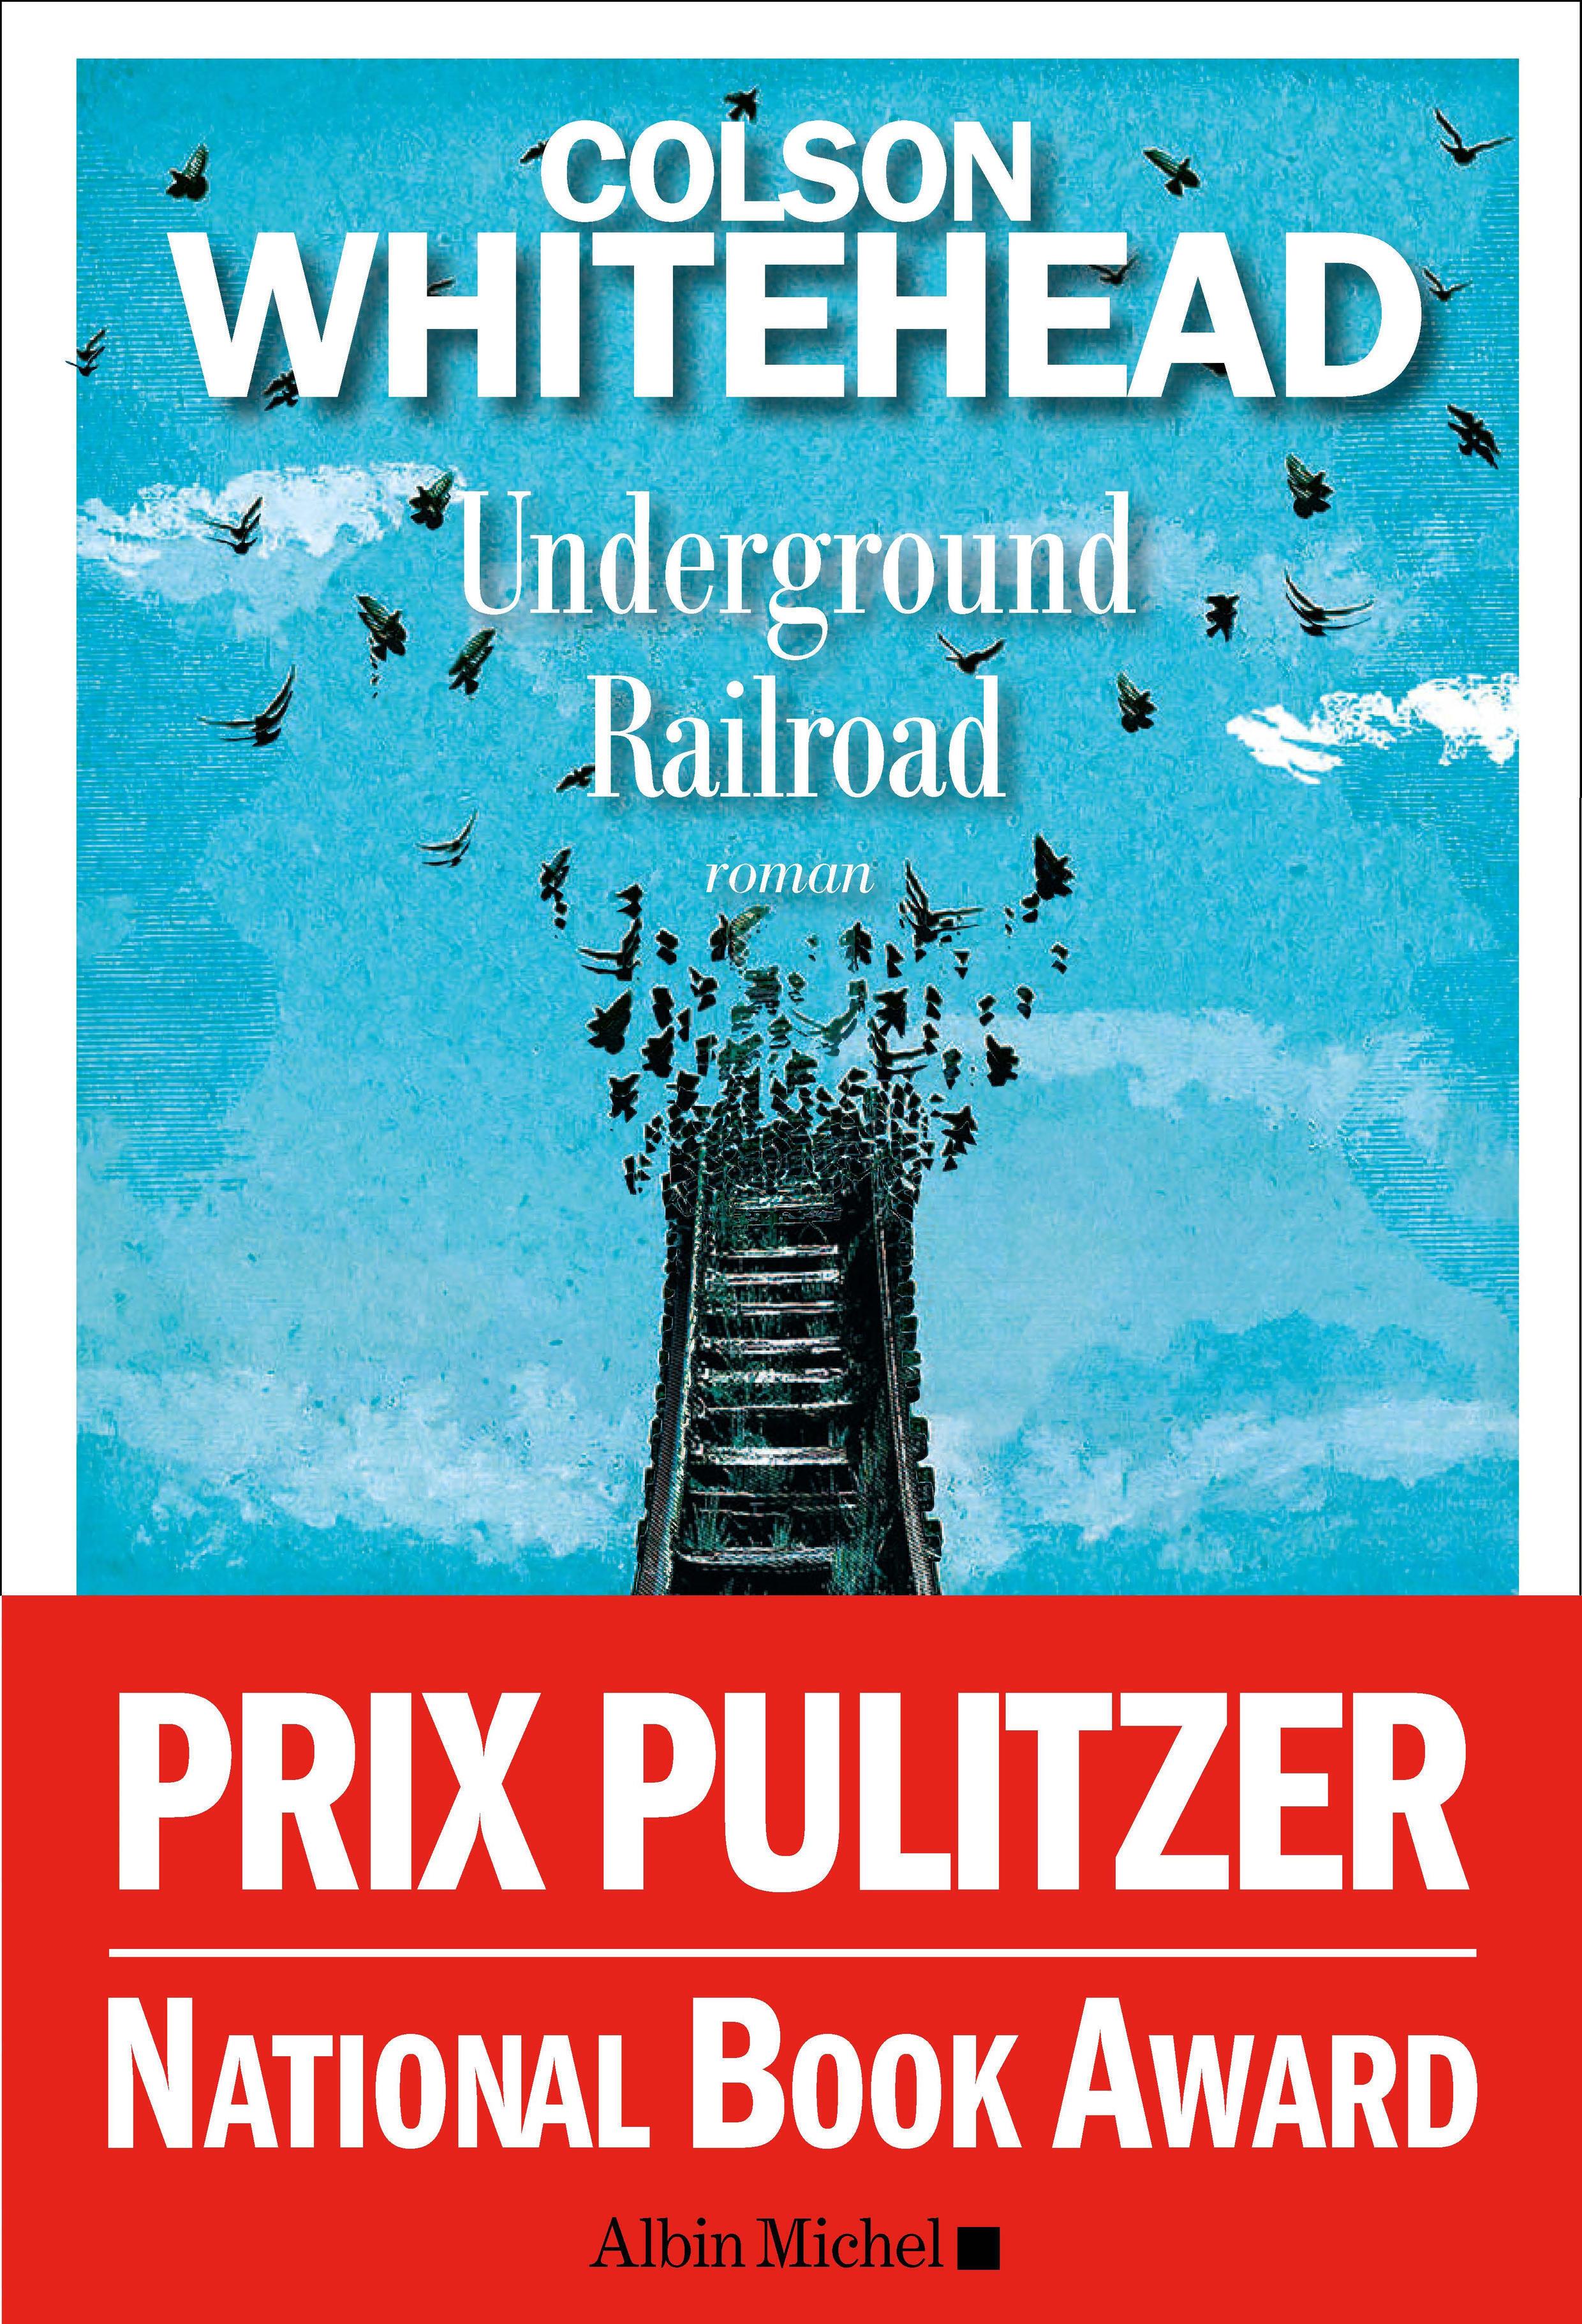 Couverture du roman «Underground Railroad».